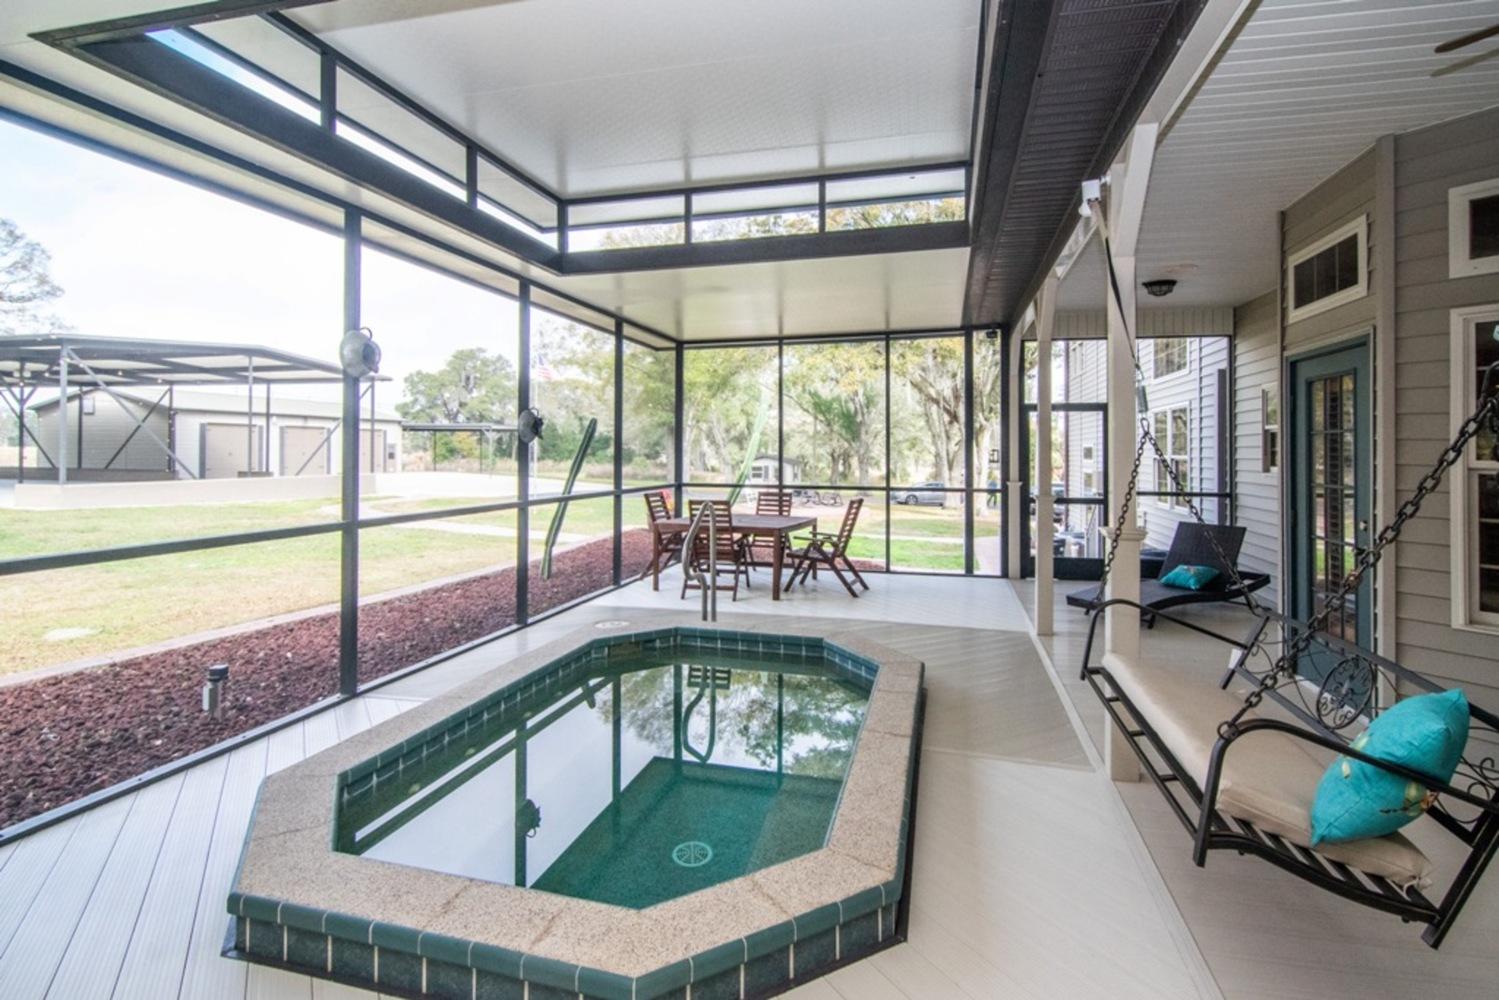 66 patio